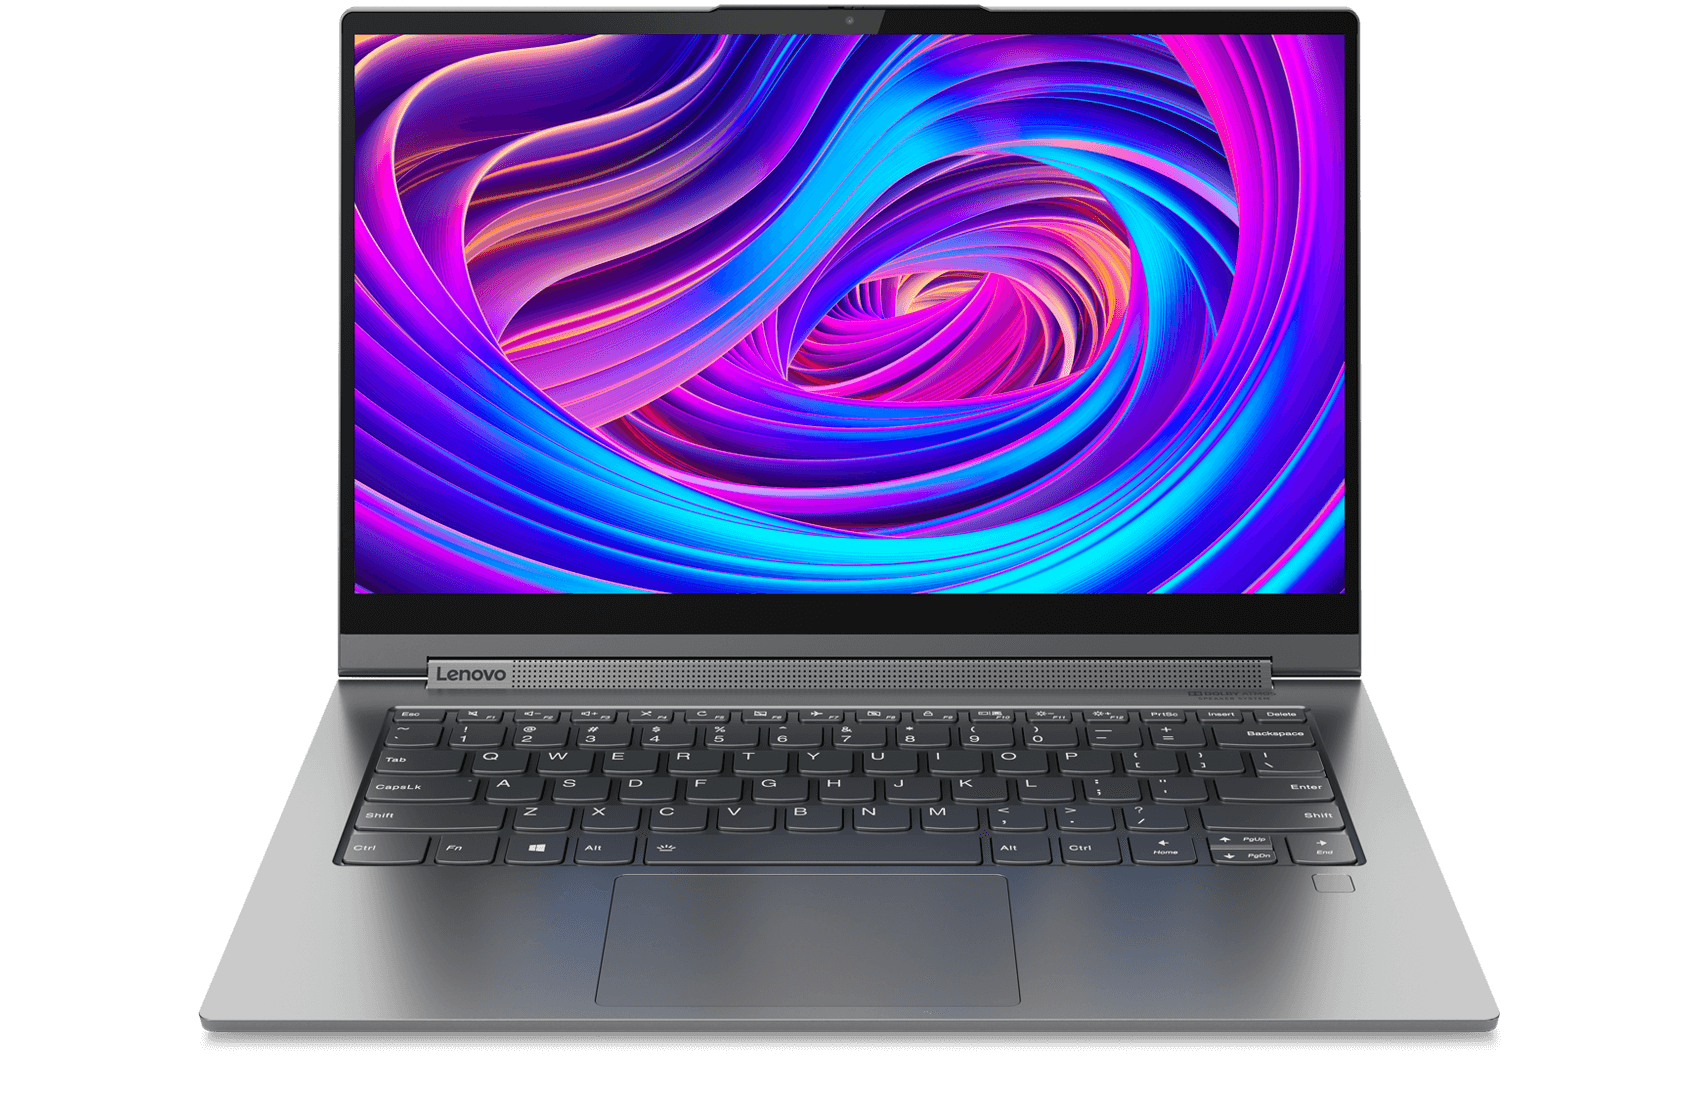 Lenovo Yoga C940 (14